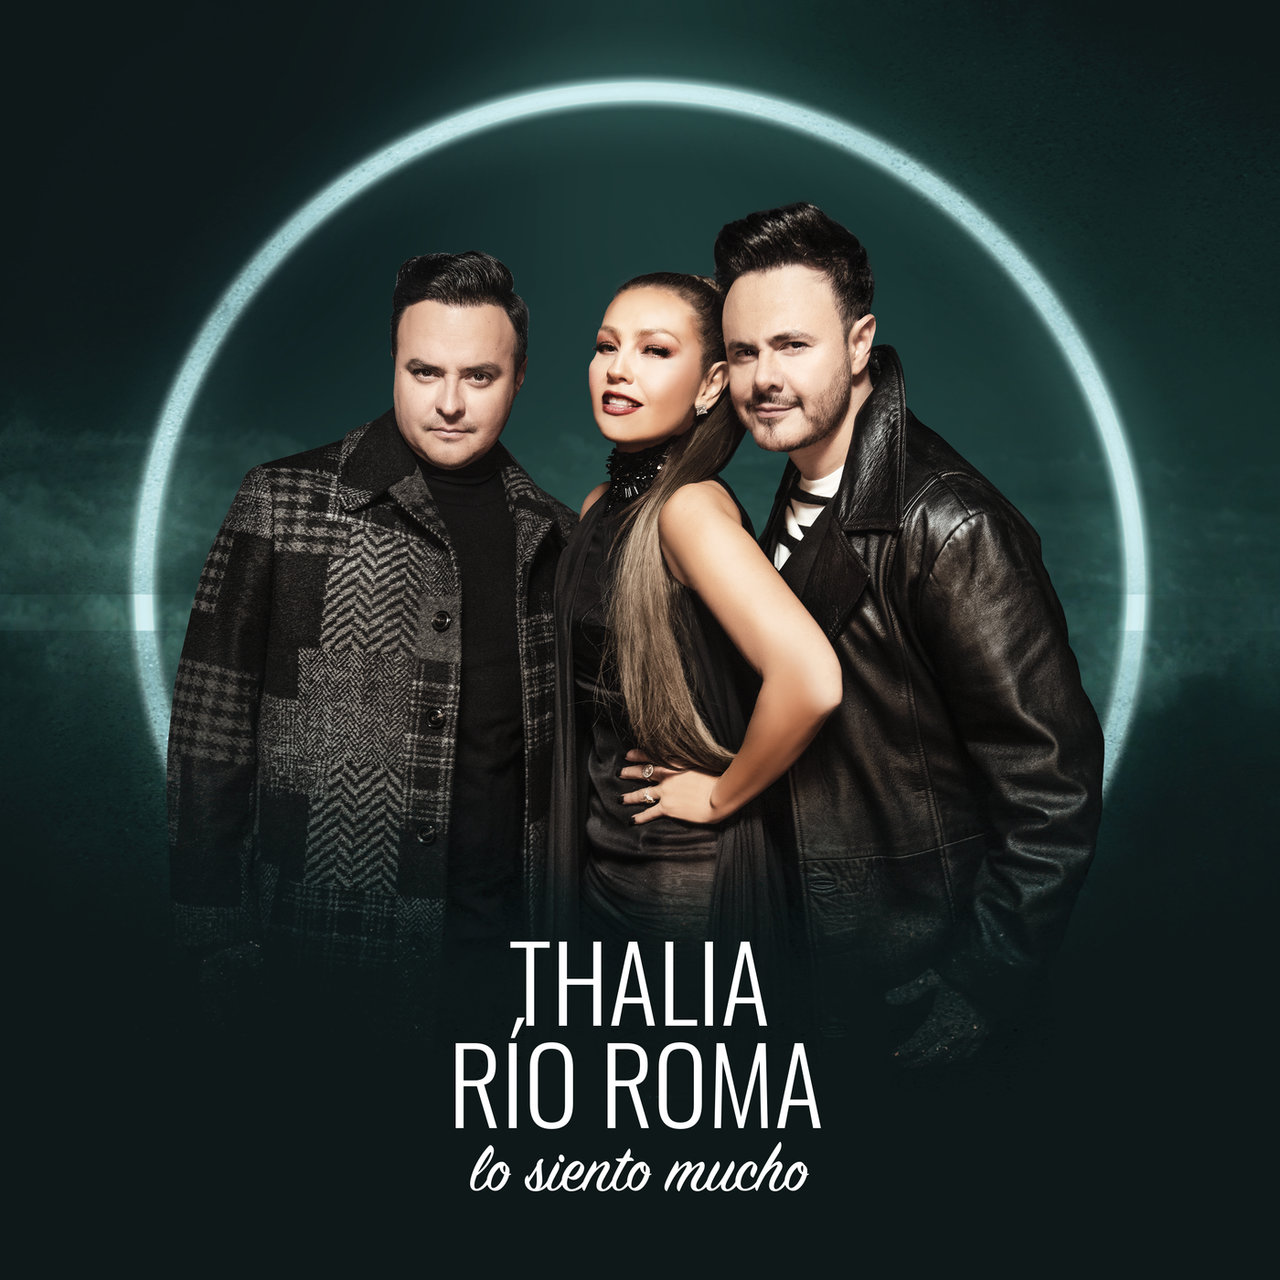 """Photo of Rio Roma y Thalia estrenan """"Los Siento Mucho"""""""